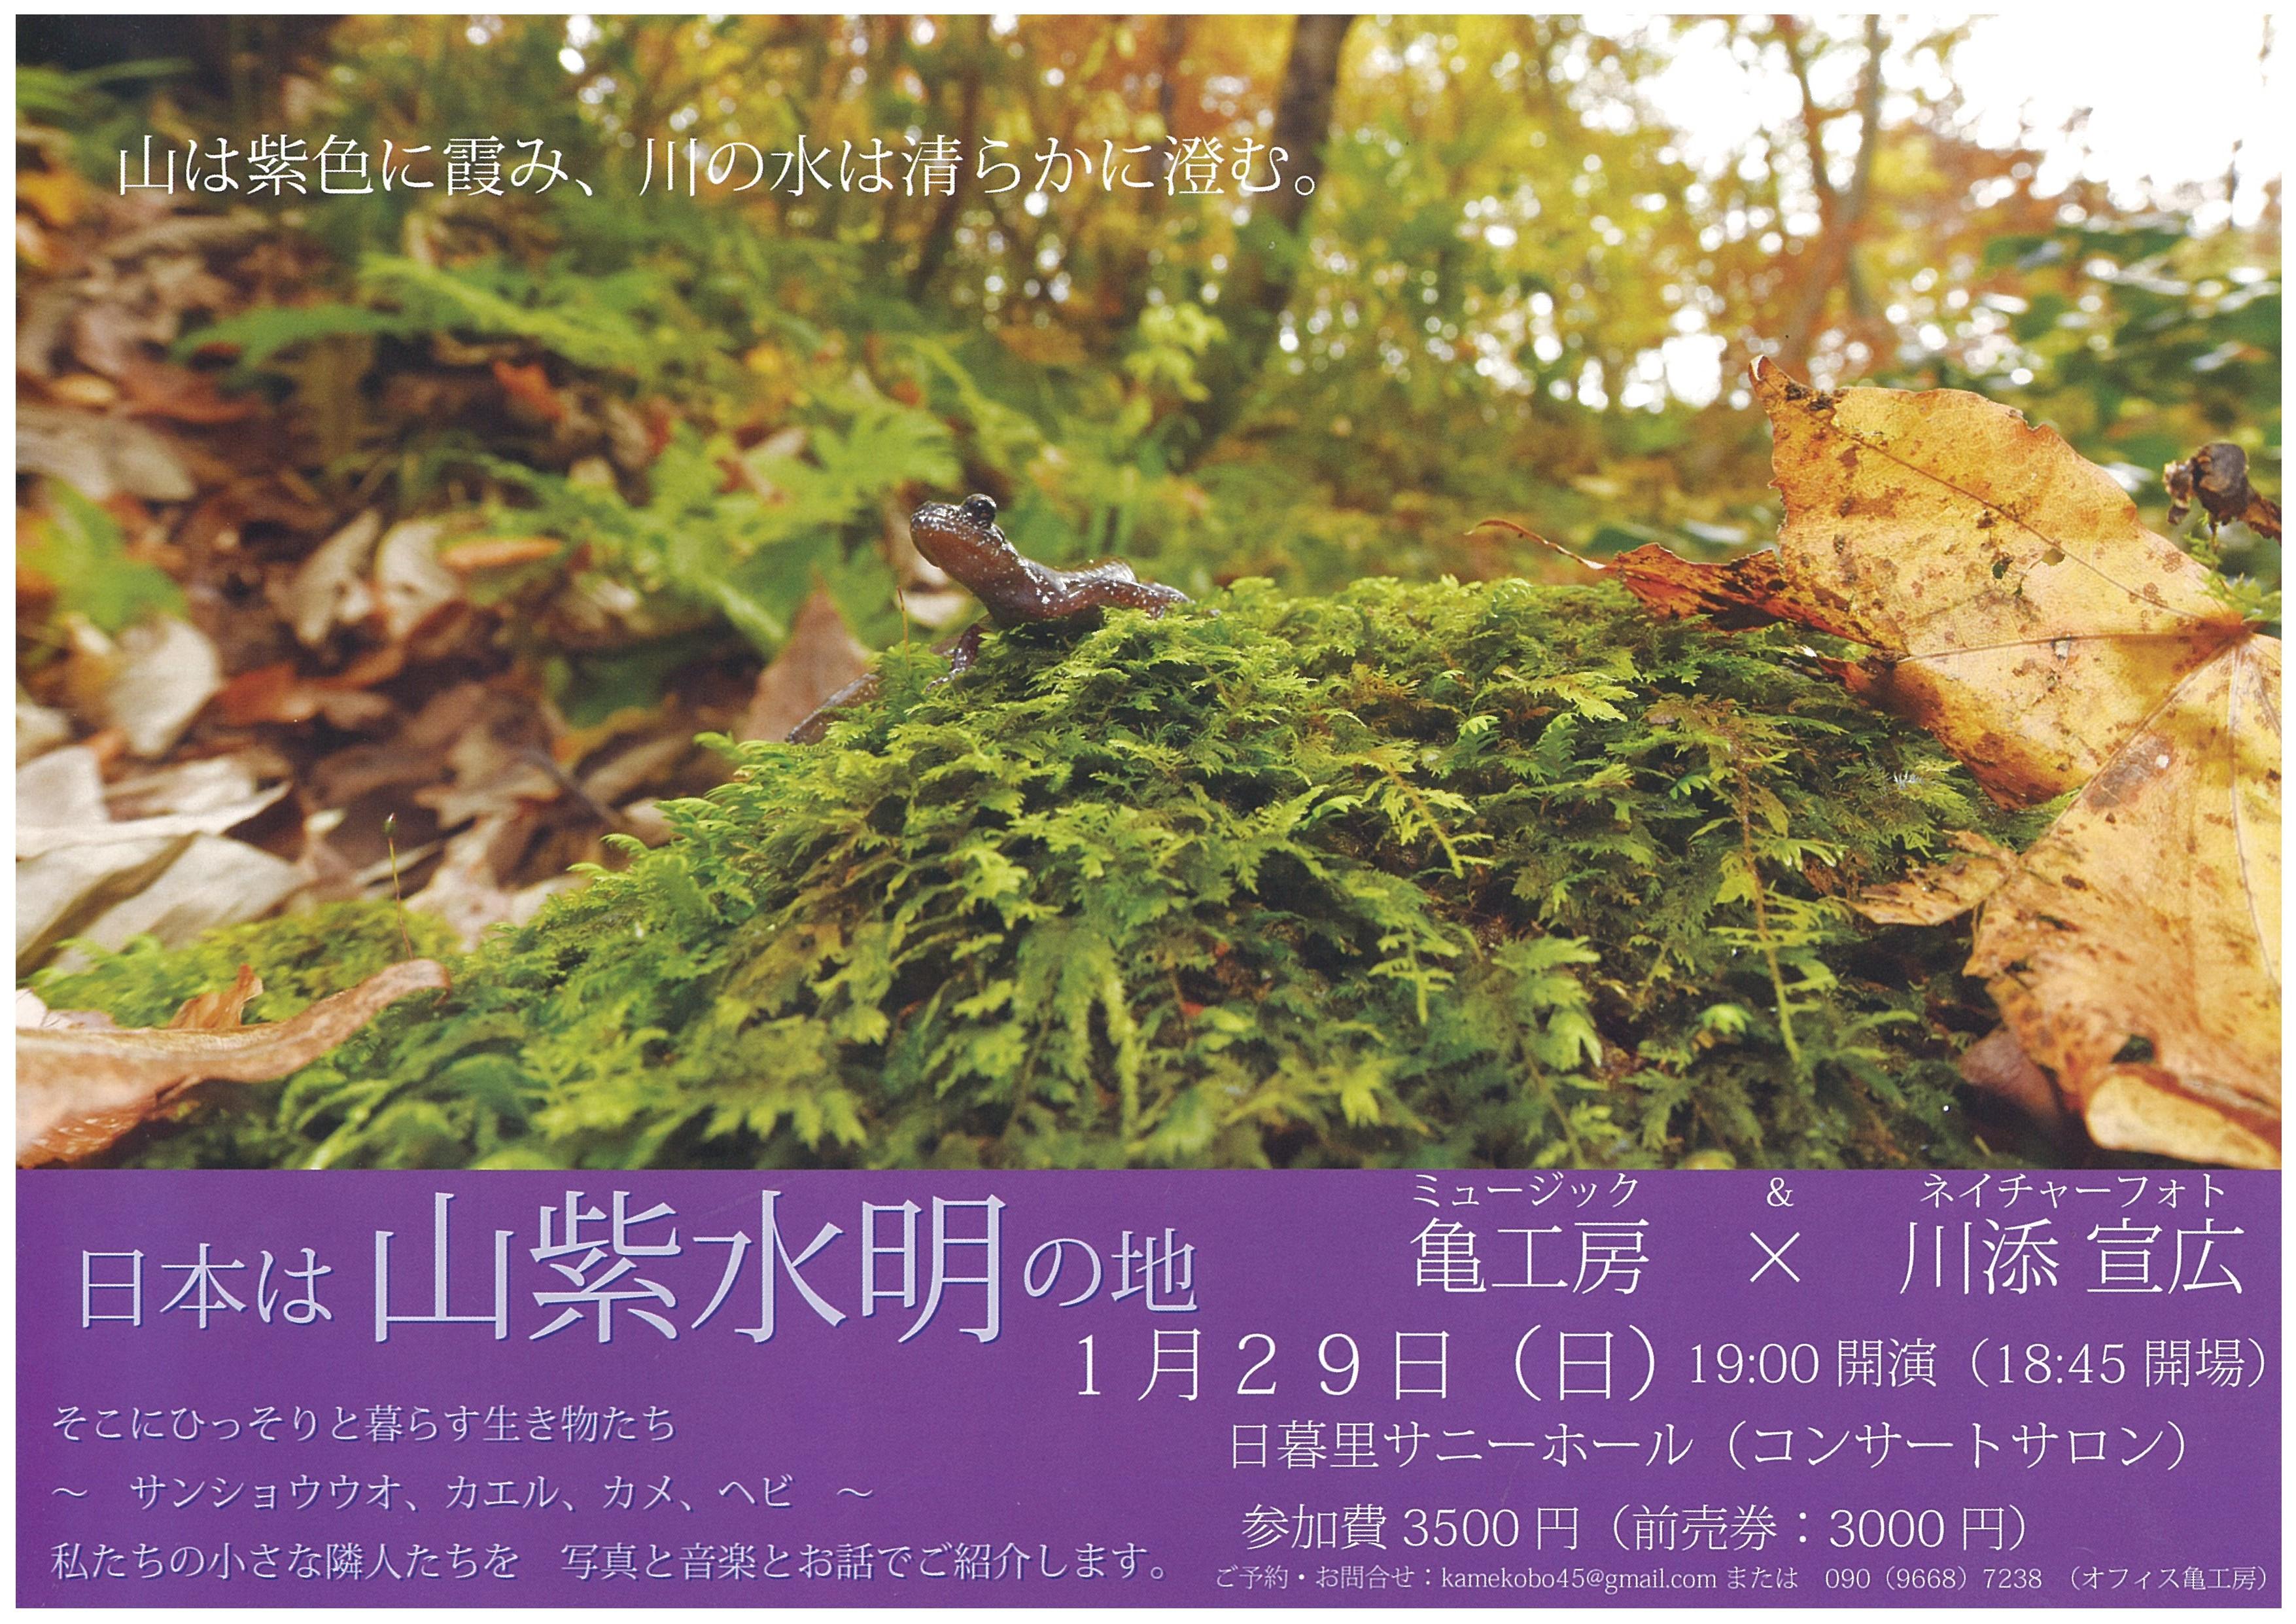 「日本は山紫水明の地」(1.29.2017)